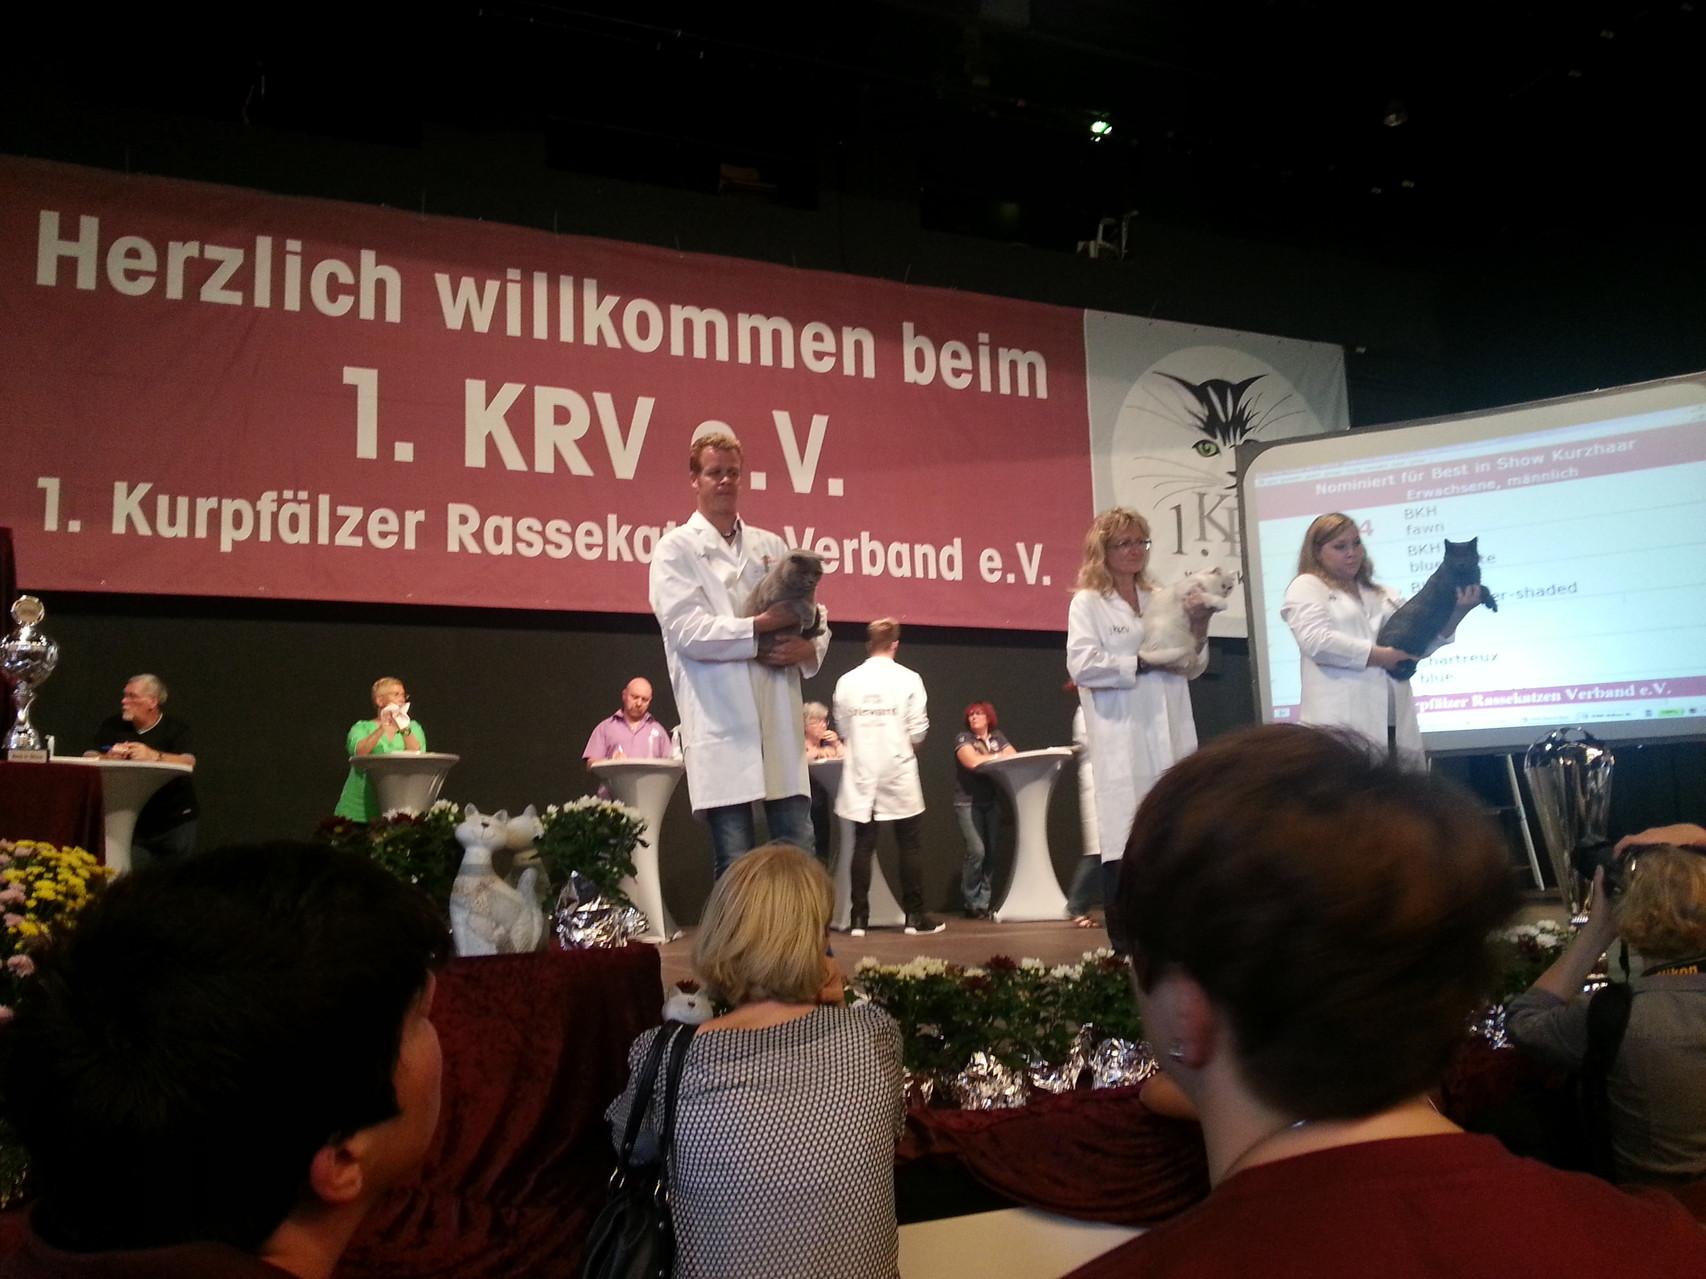 Kronos mit einem Jahr und vier Monaten auf der Ausstellung in Mannheim 2014 nominiert für Best in Show